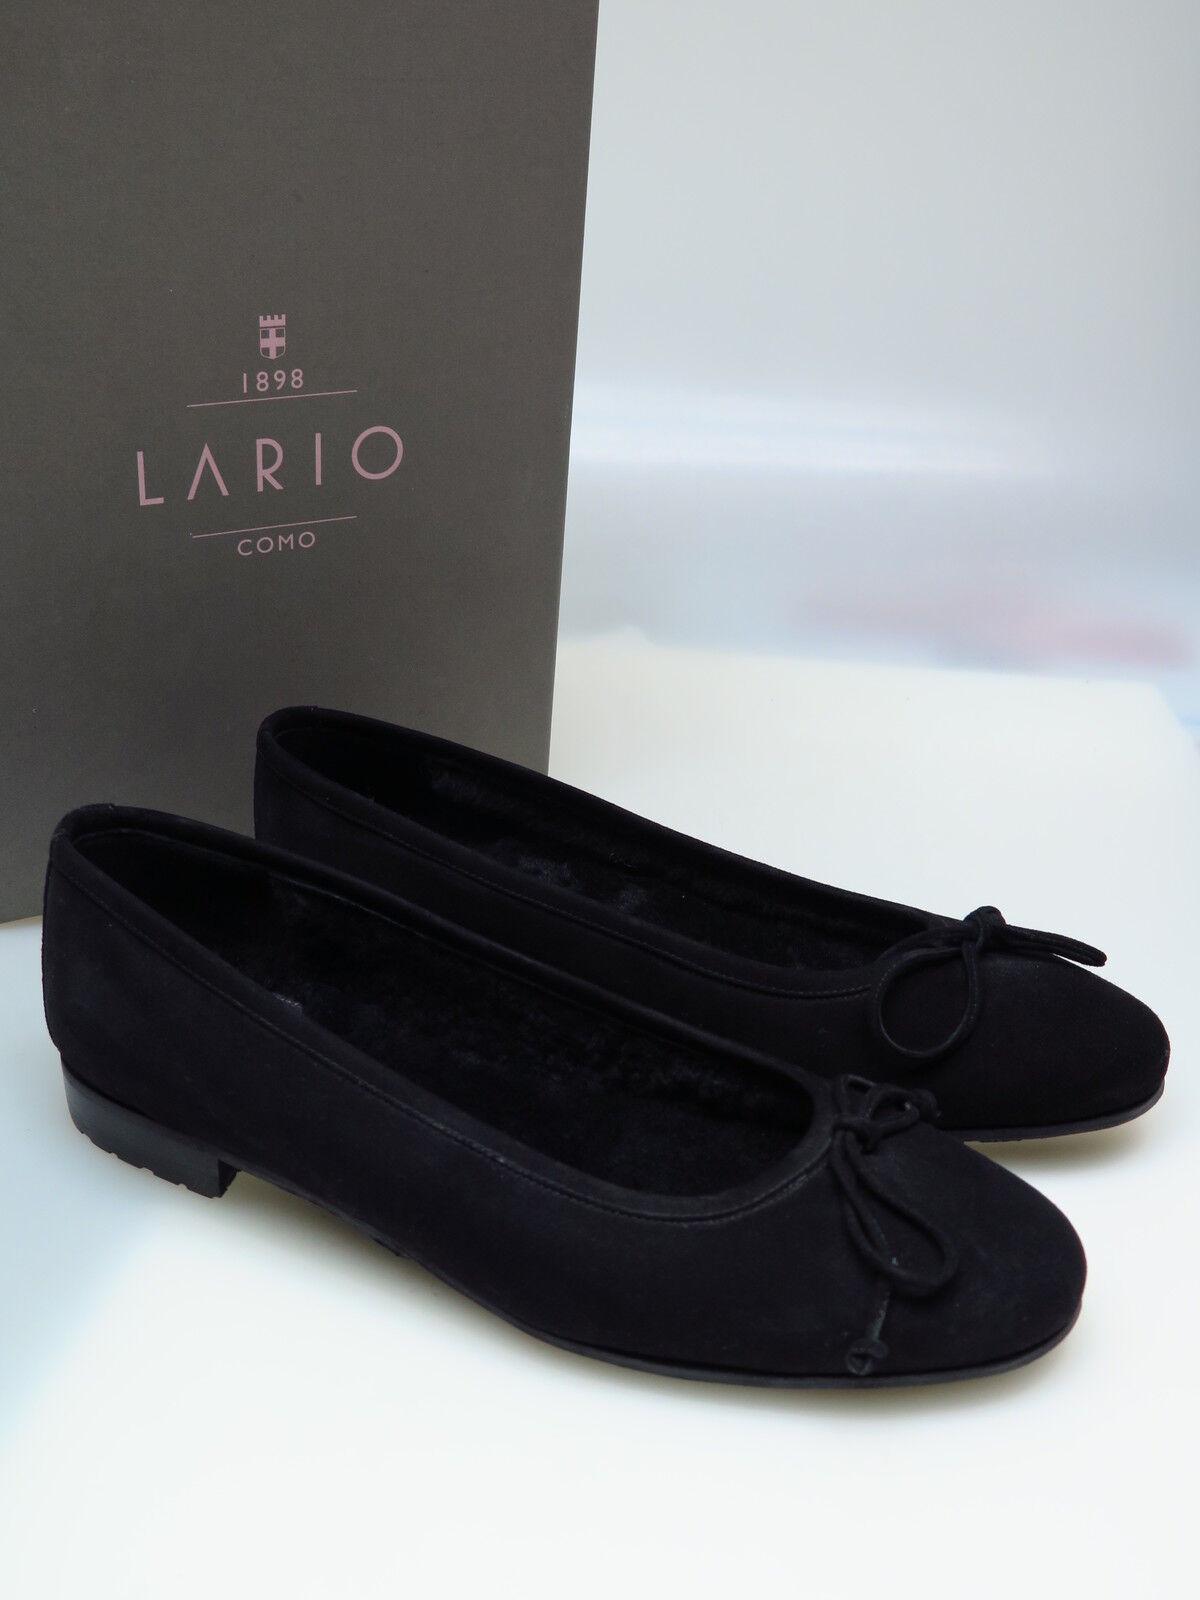 LARIO COMO 1898 Designer Damenschuhe LA C3410 37,5 Lara Fell Schwarz Gr. 37,5 C3410 NEU 6f9cd5